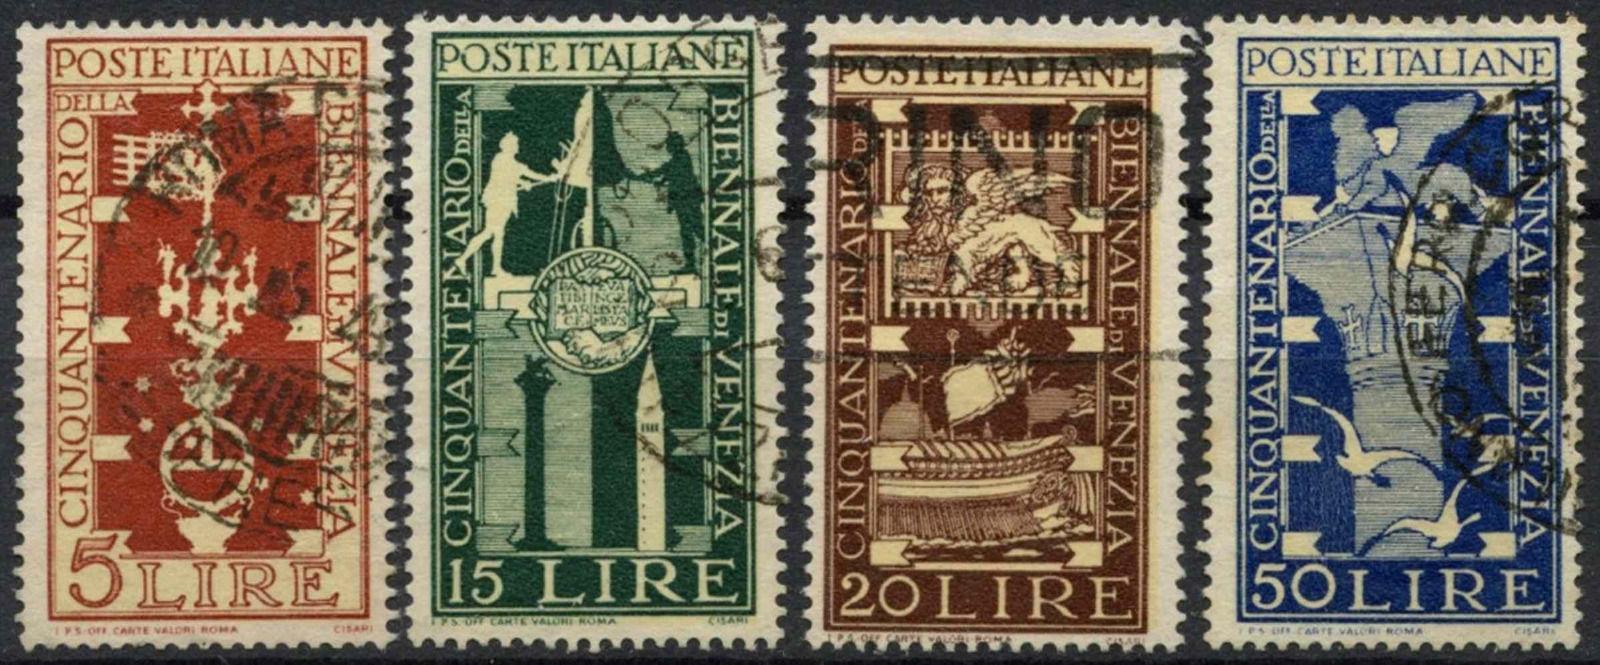 Italy Art exhibition 1949